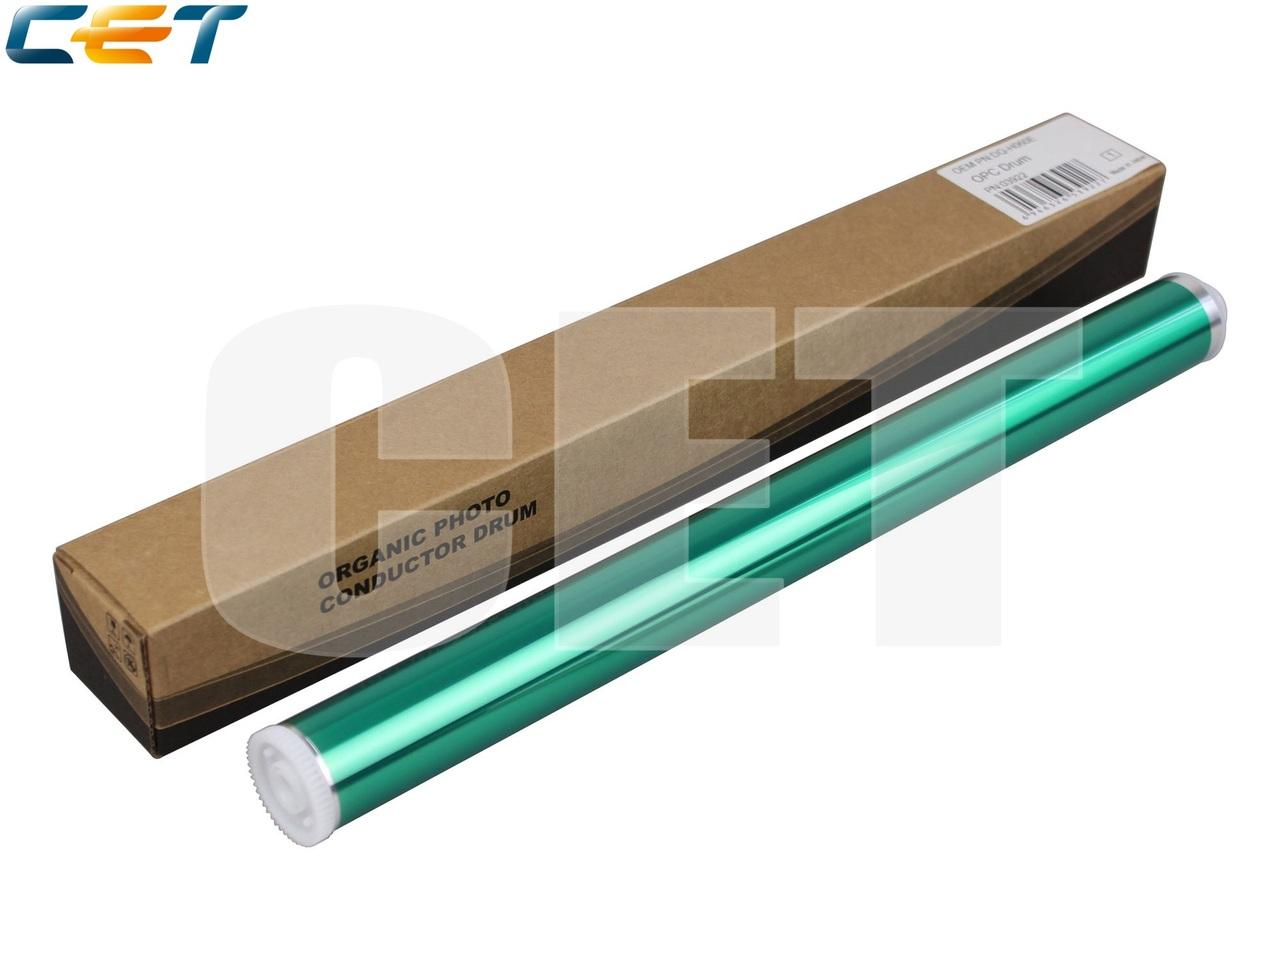 Барабан (Япония) для PANASONICDP2310/DP2330/DP3010/DP3030 (CET), 50000 стр., CET3922